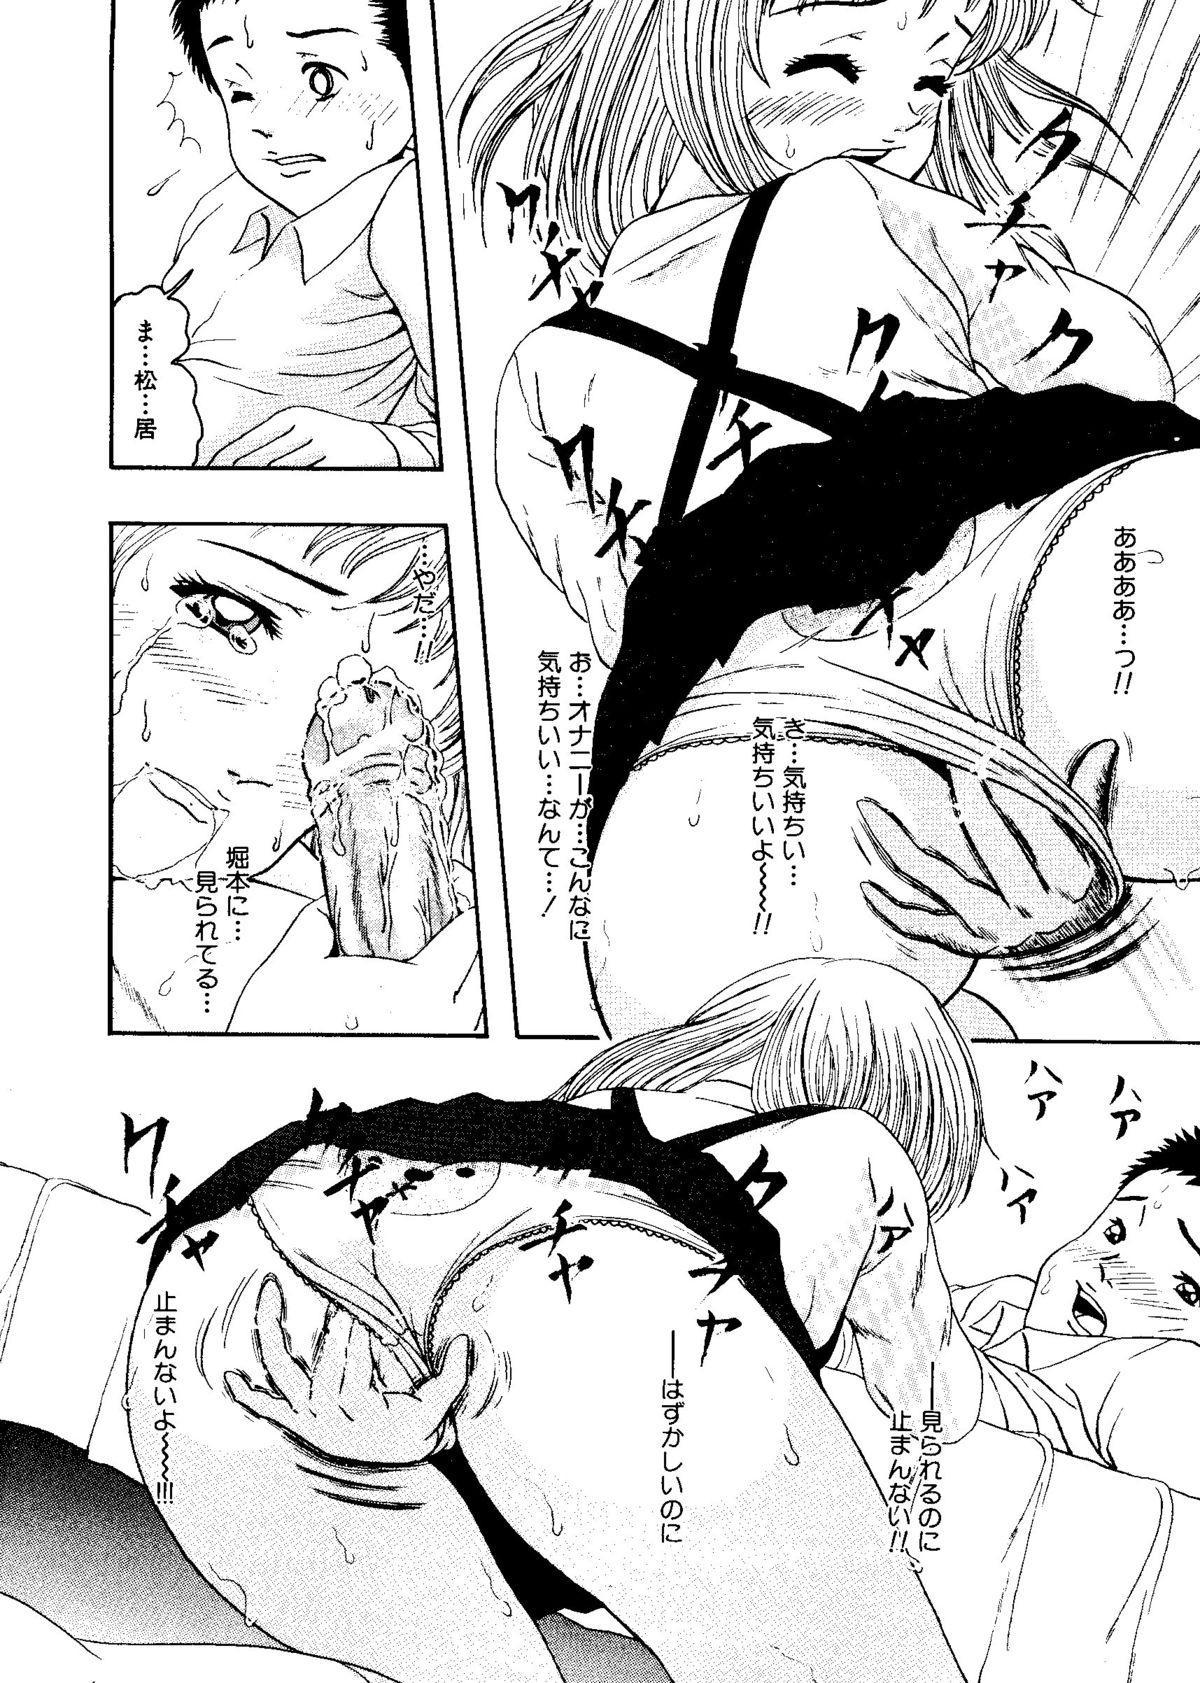 Mujirushi Youhin Vol. 7 94